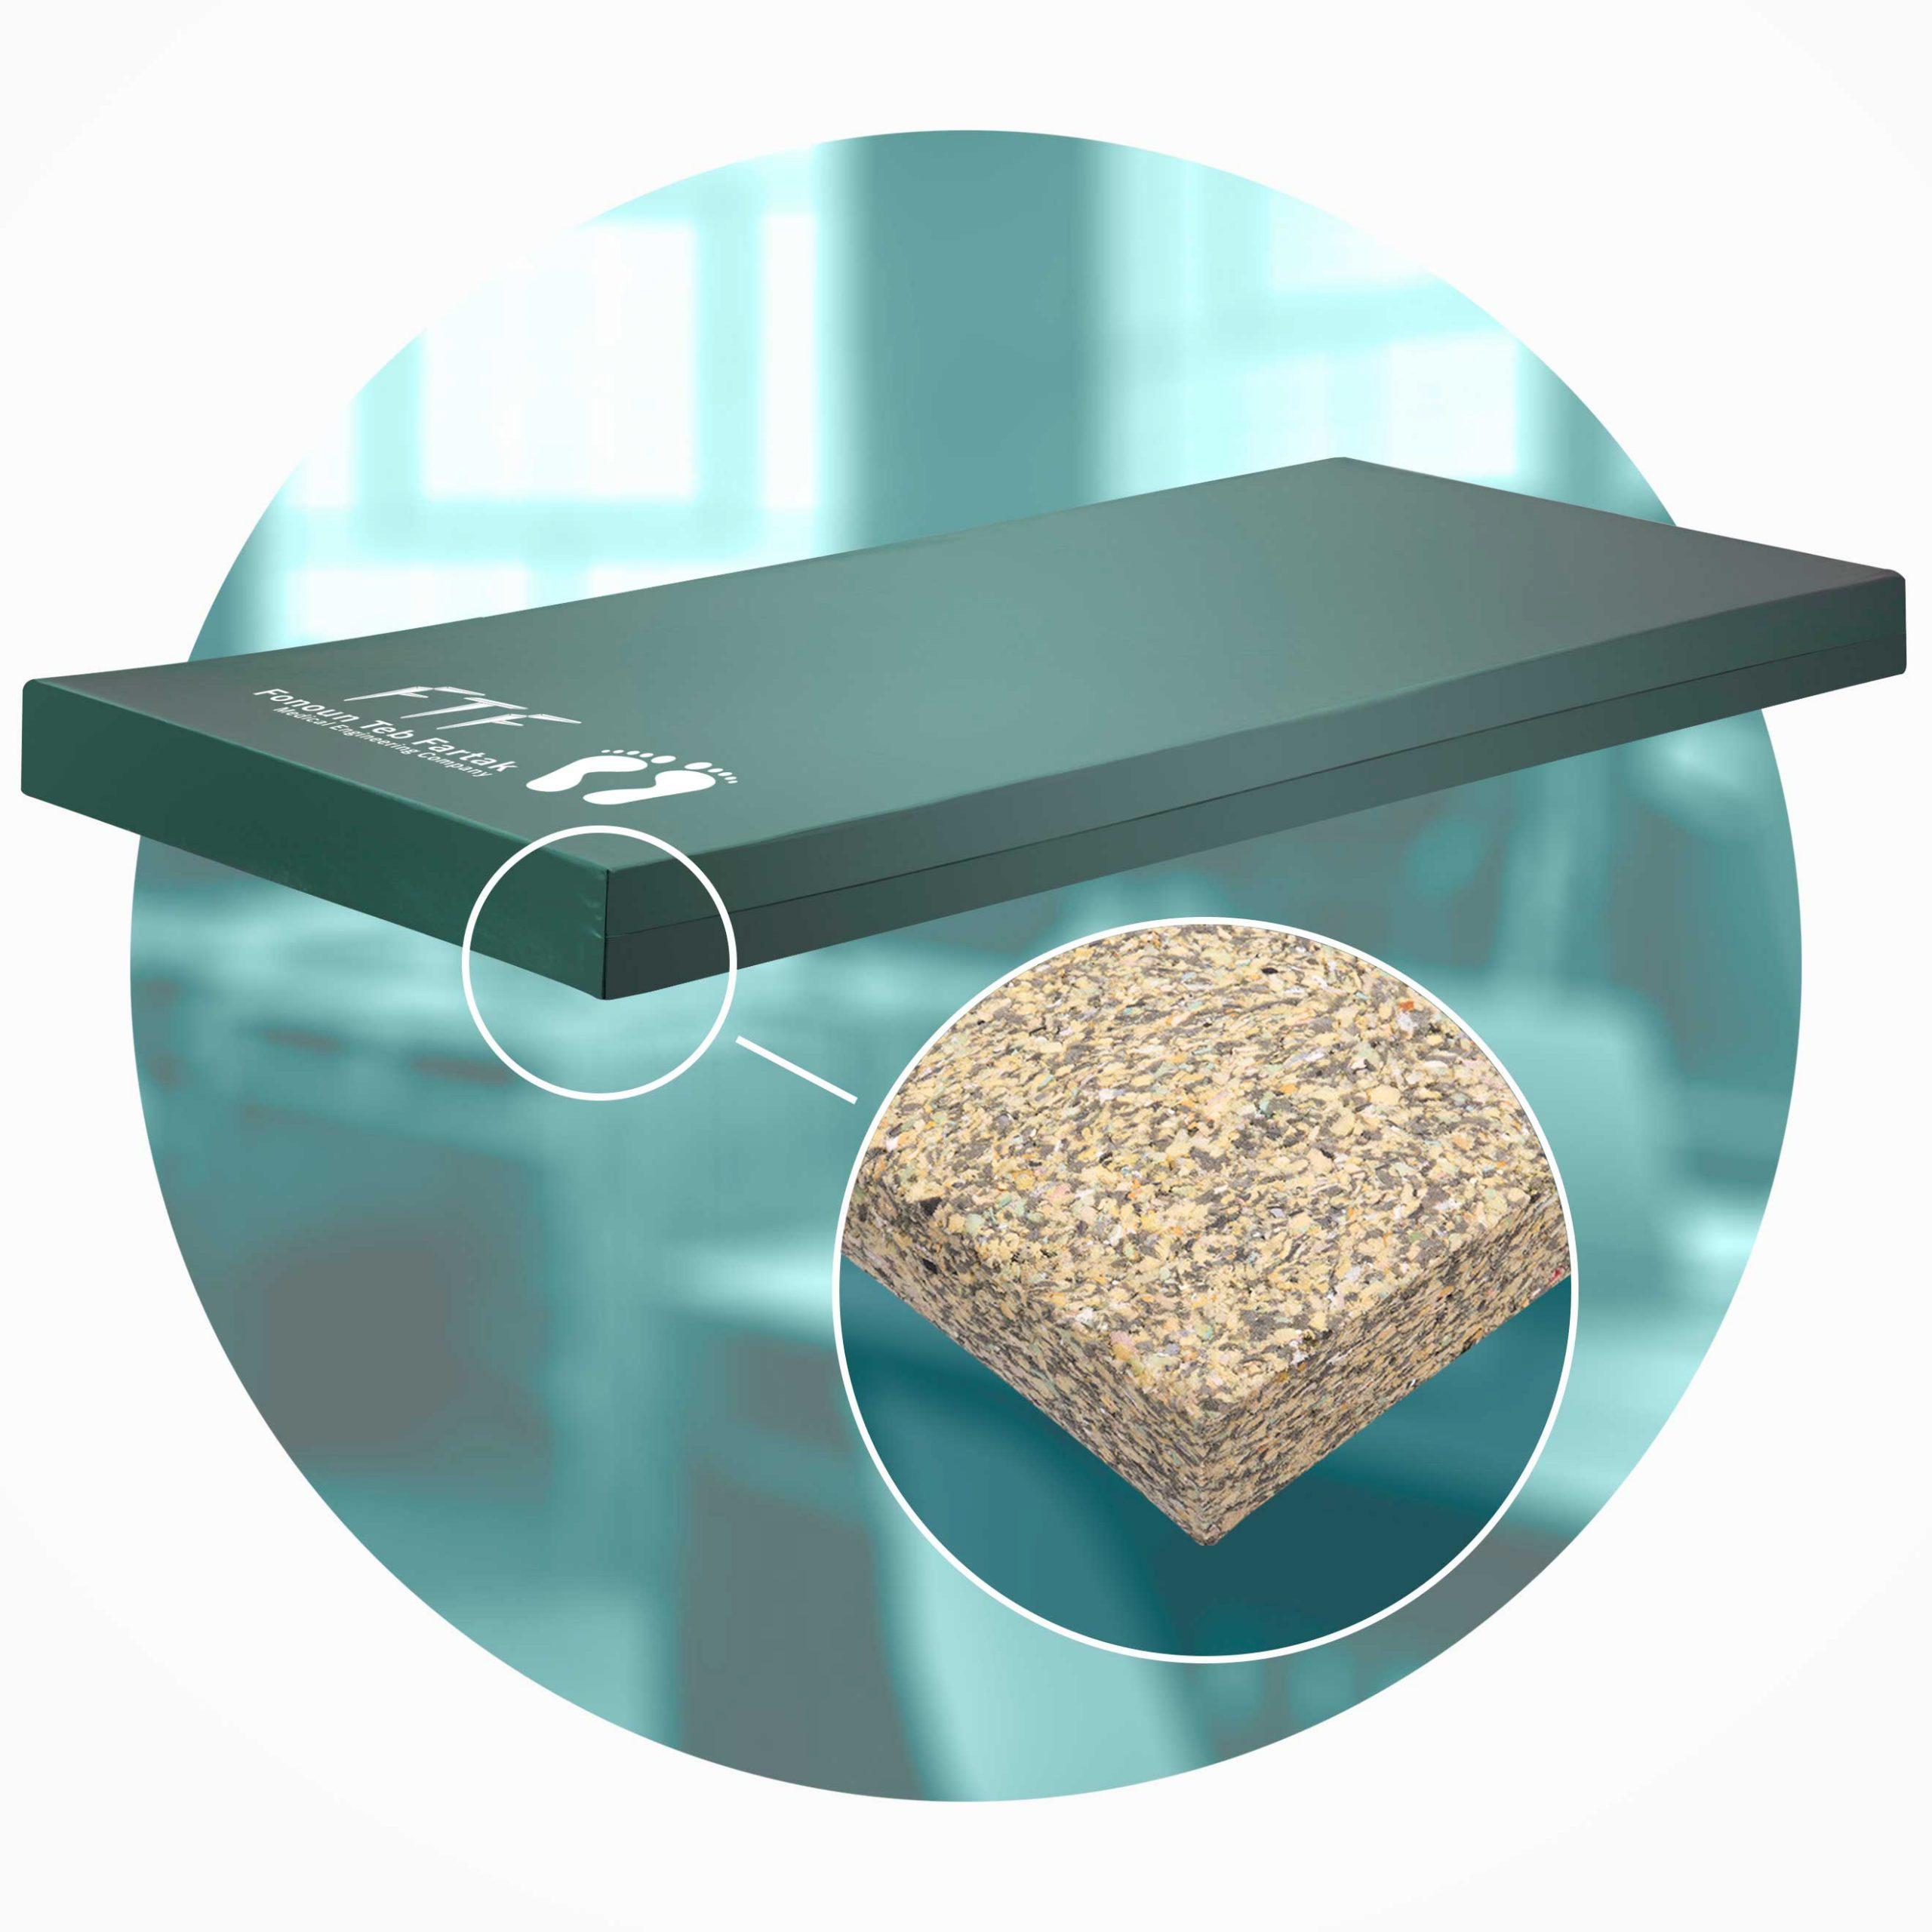 Rebound mattress